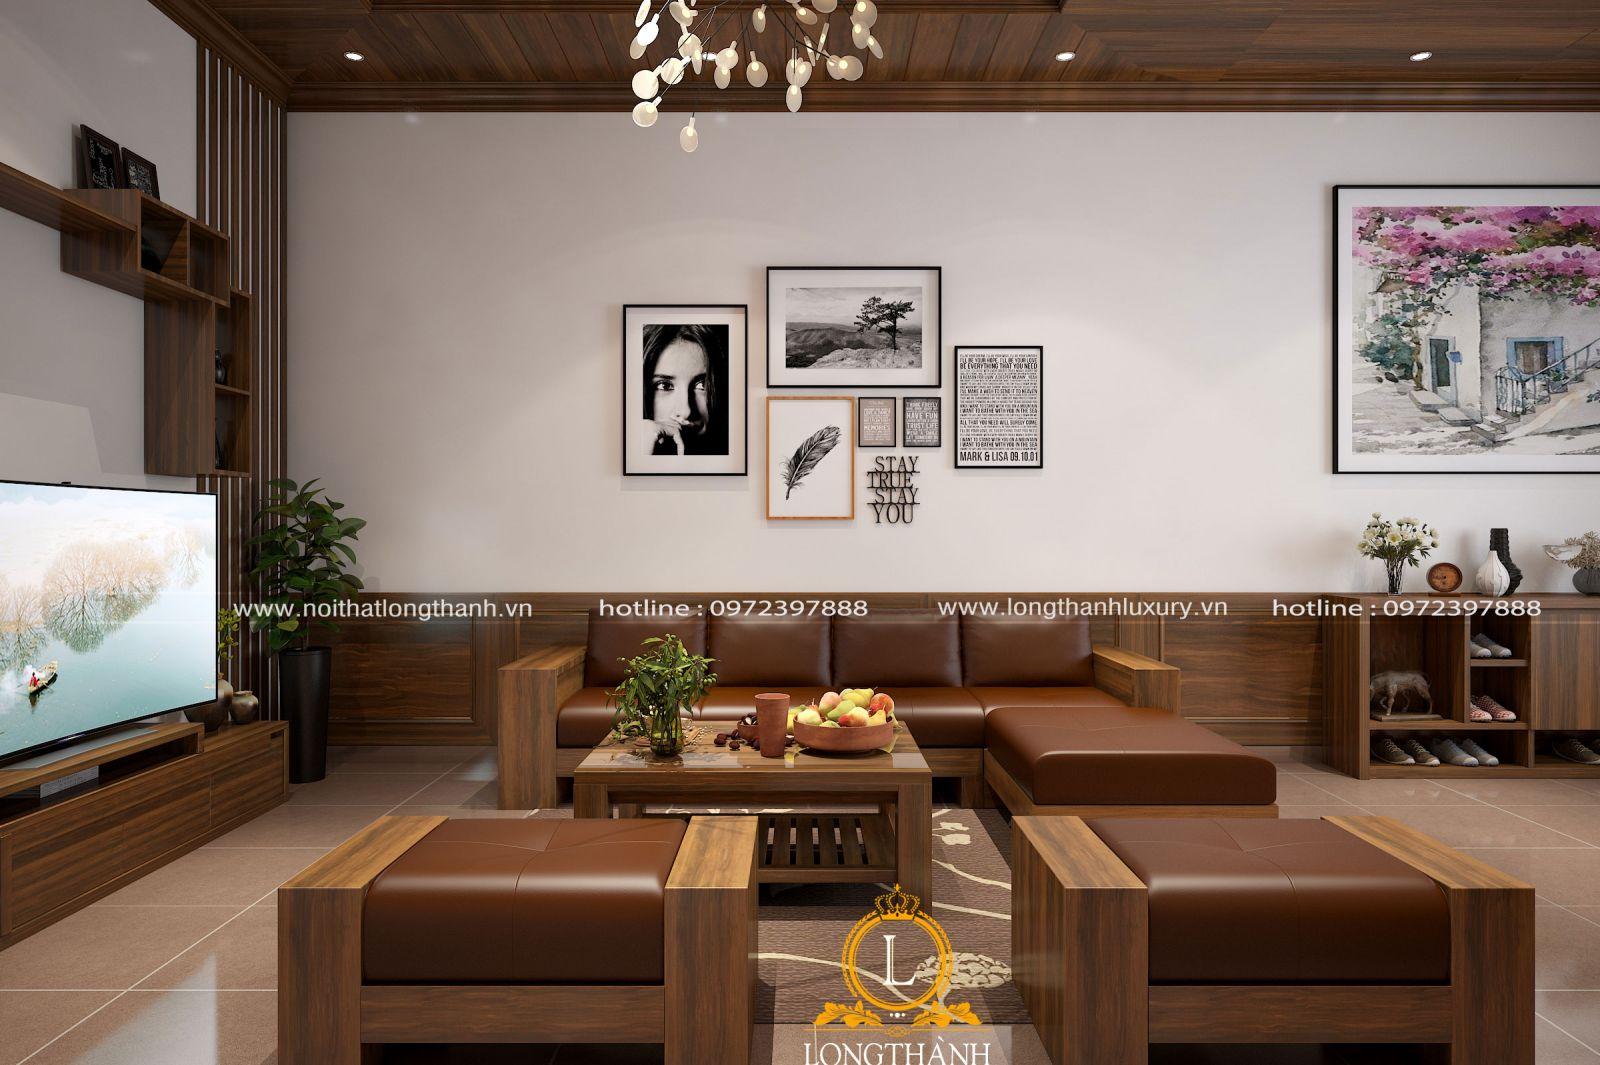 Thiết kế phòng khách hiện đại với tông màu trầm